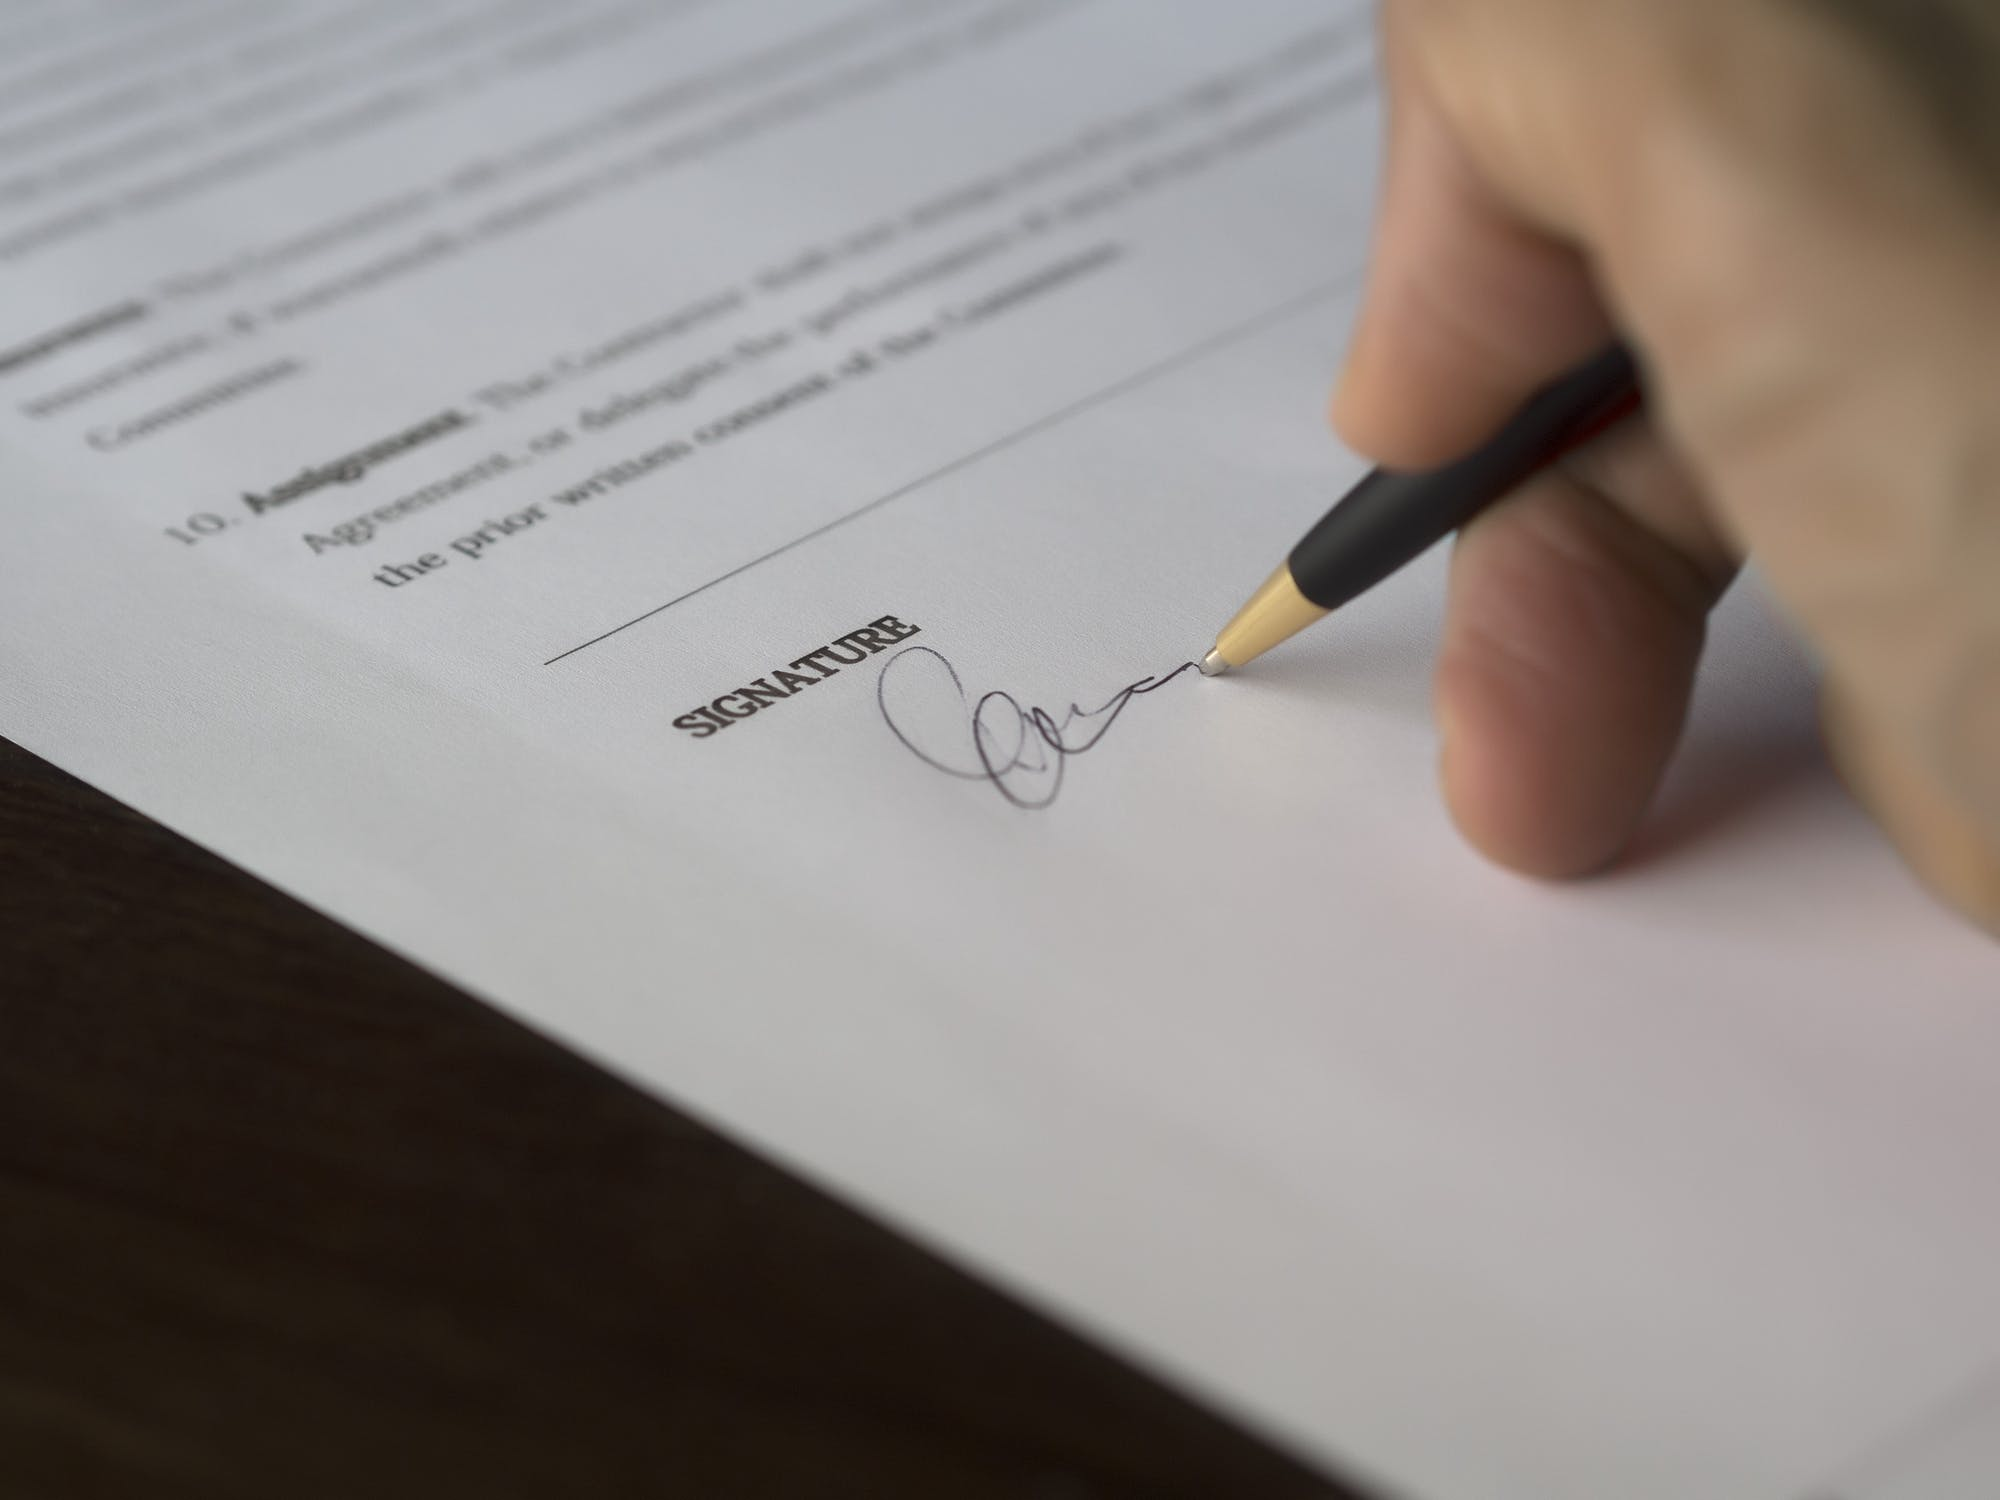 specimen signatures